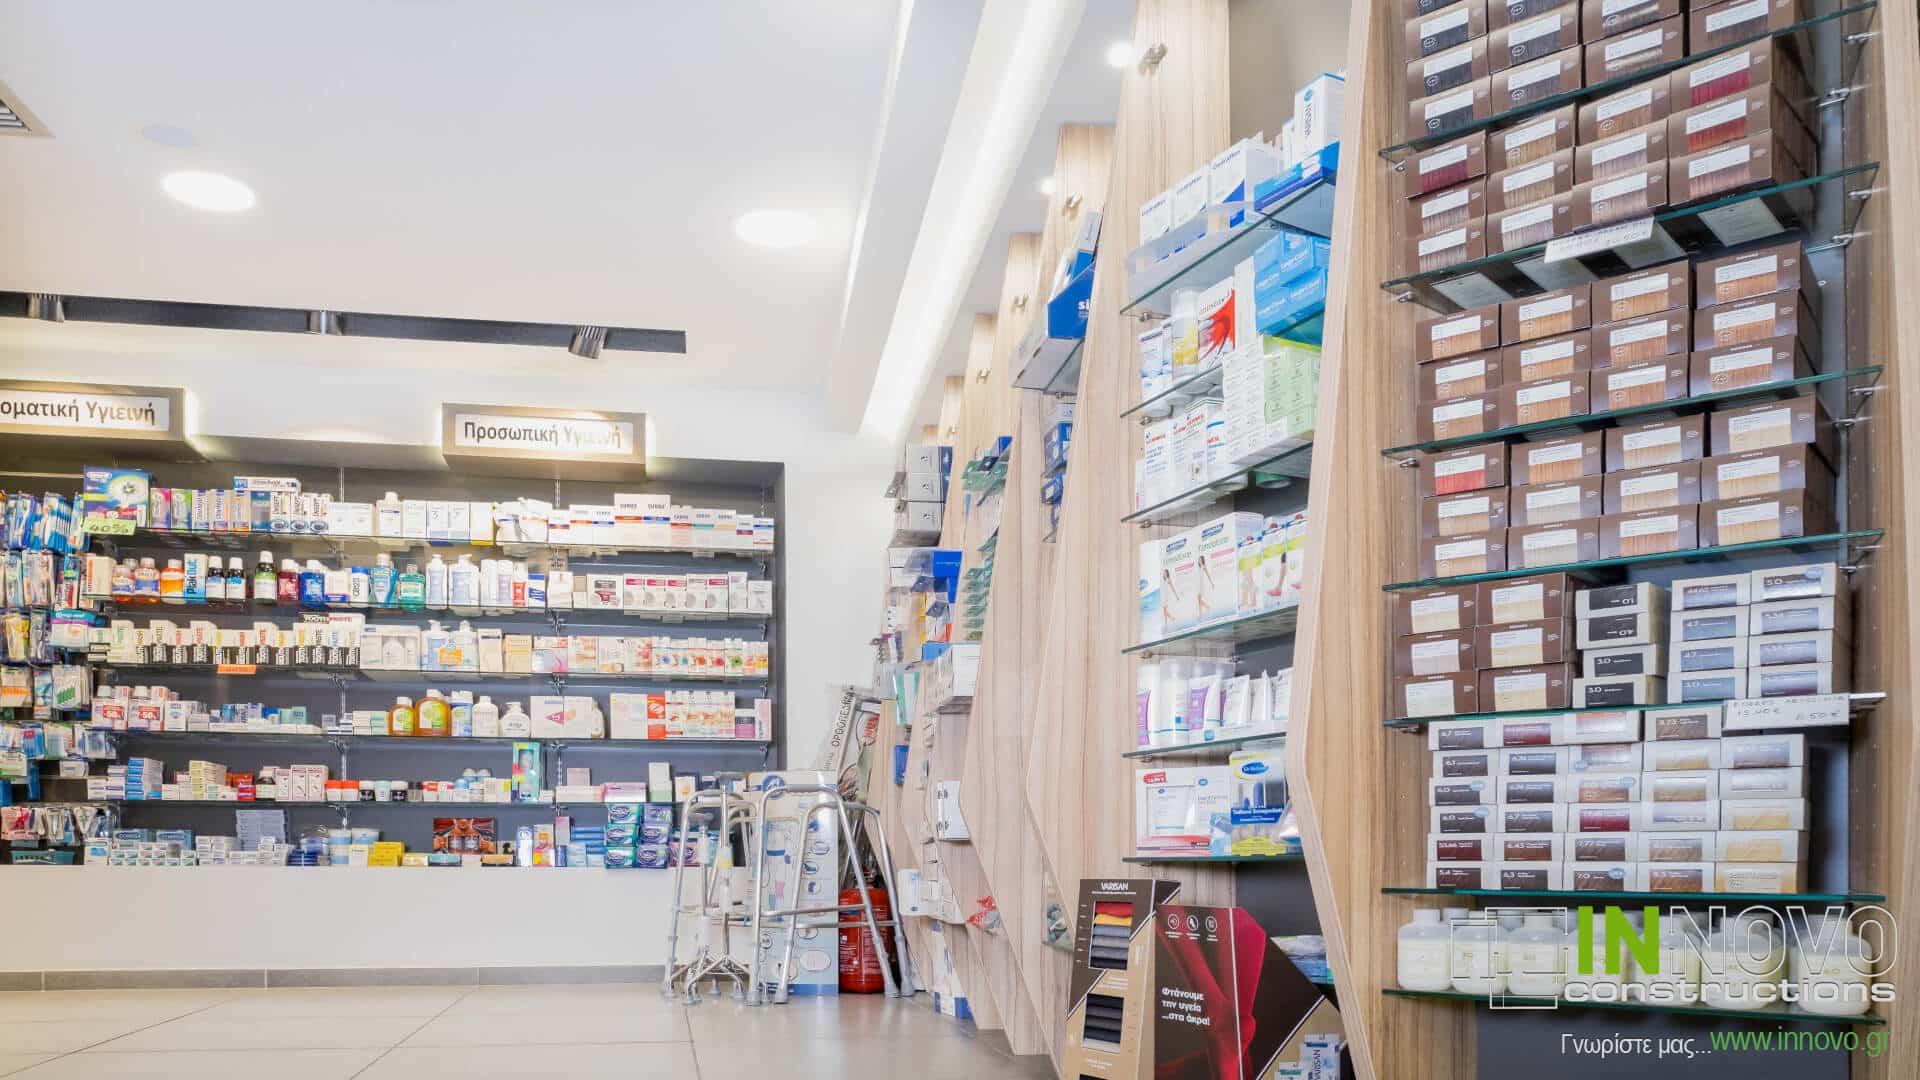 Στο Περιστέρι, σχεδιασμός επίπλωσης φαρμακείου